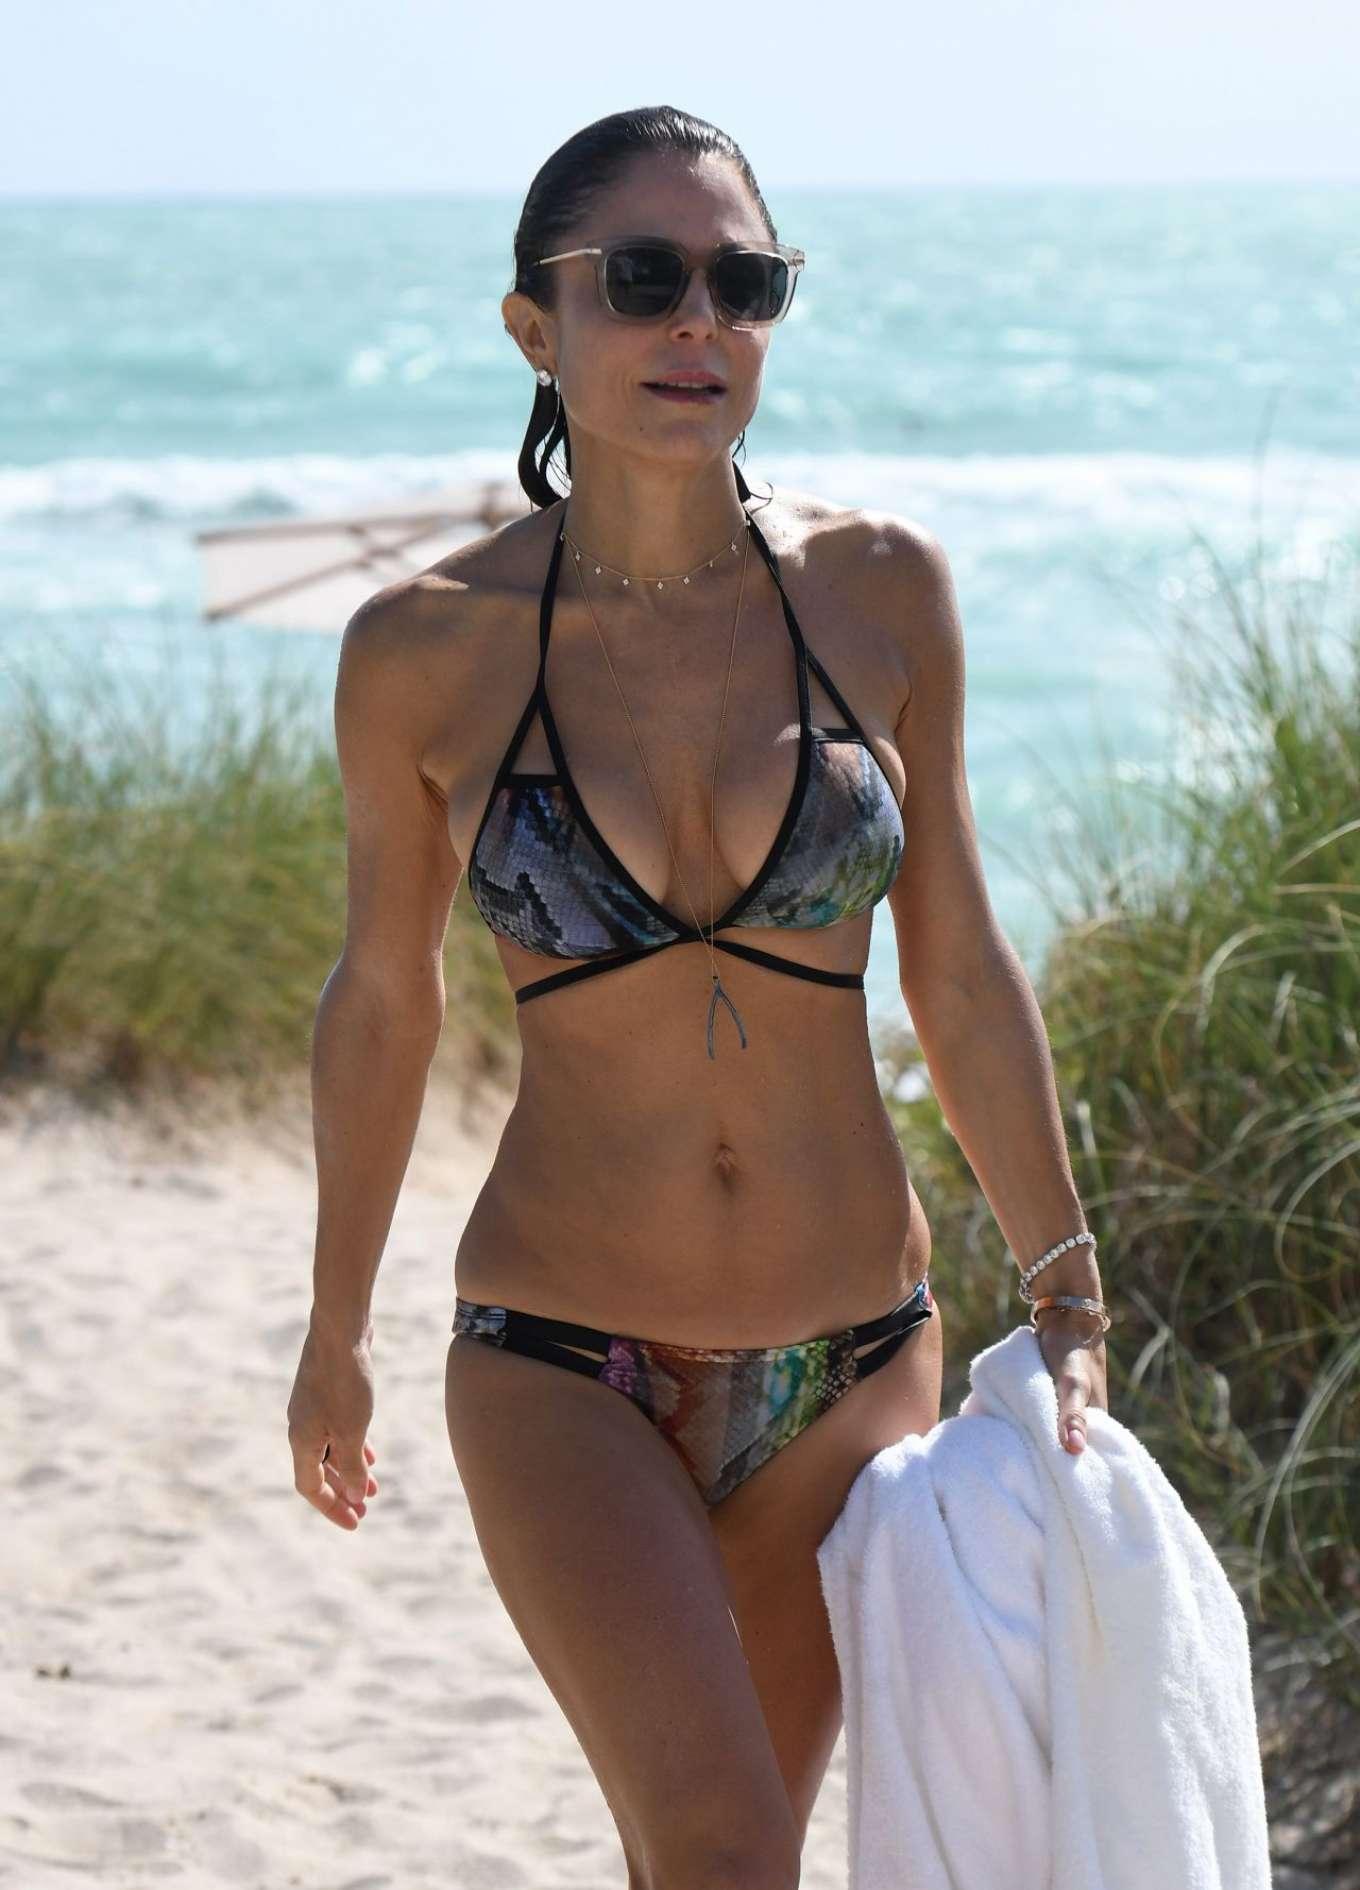 Bethenny Frankel in Bikini on the Beach in Miami